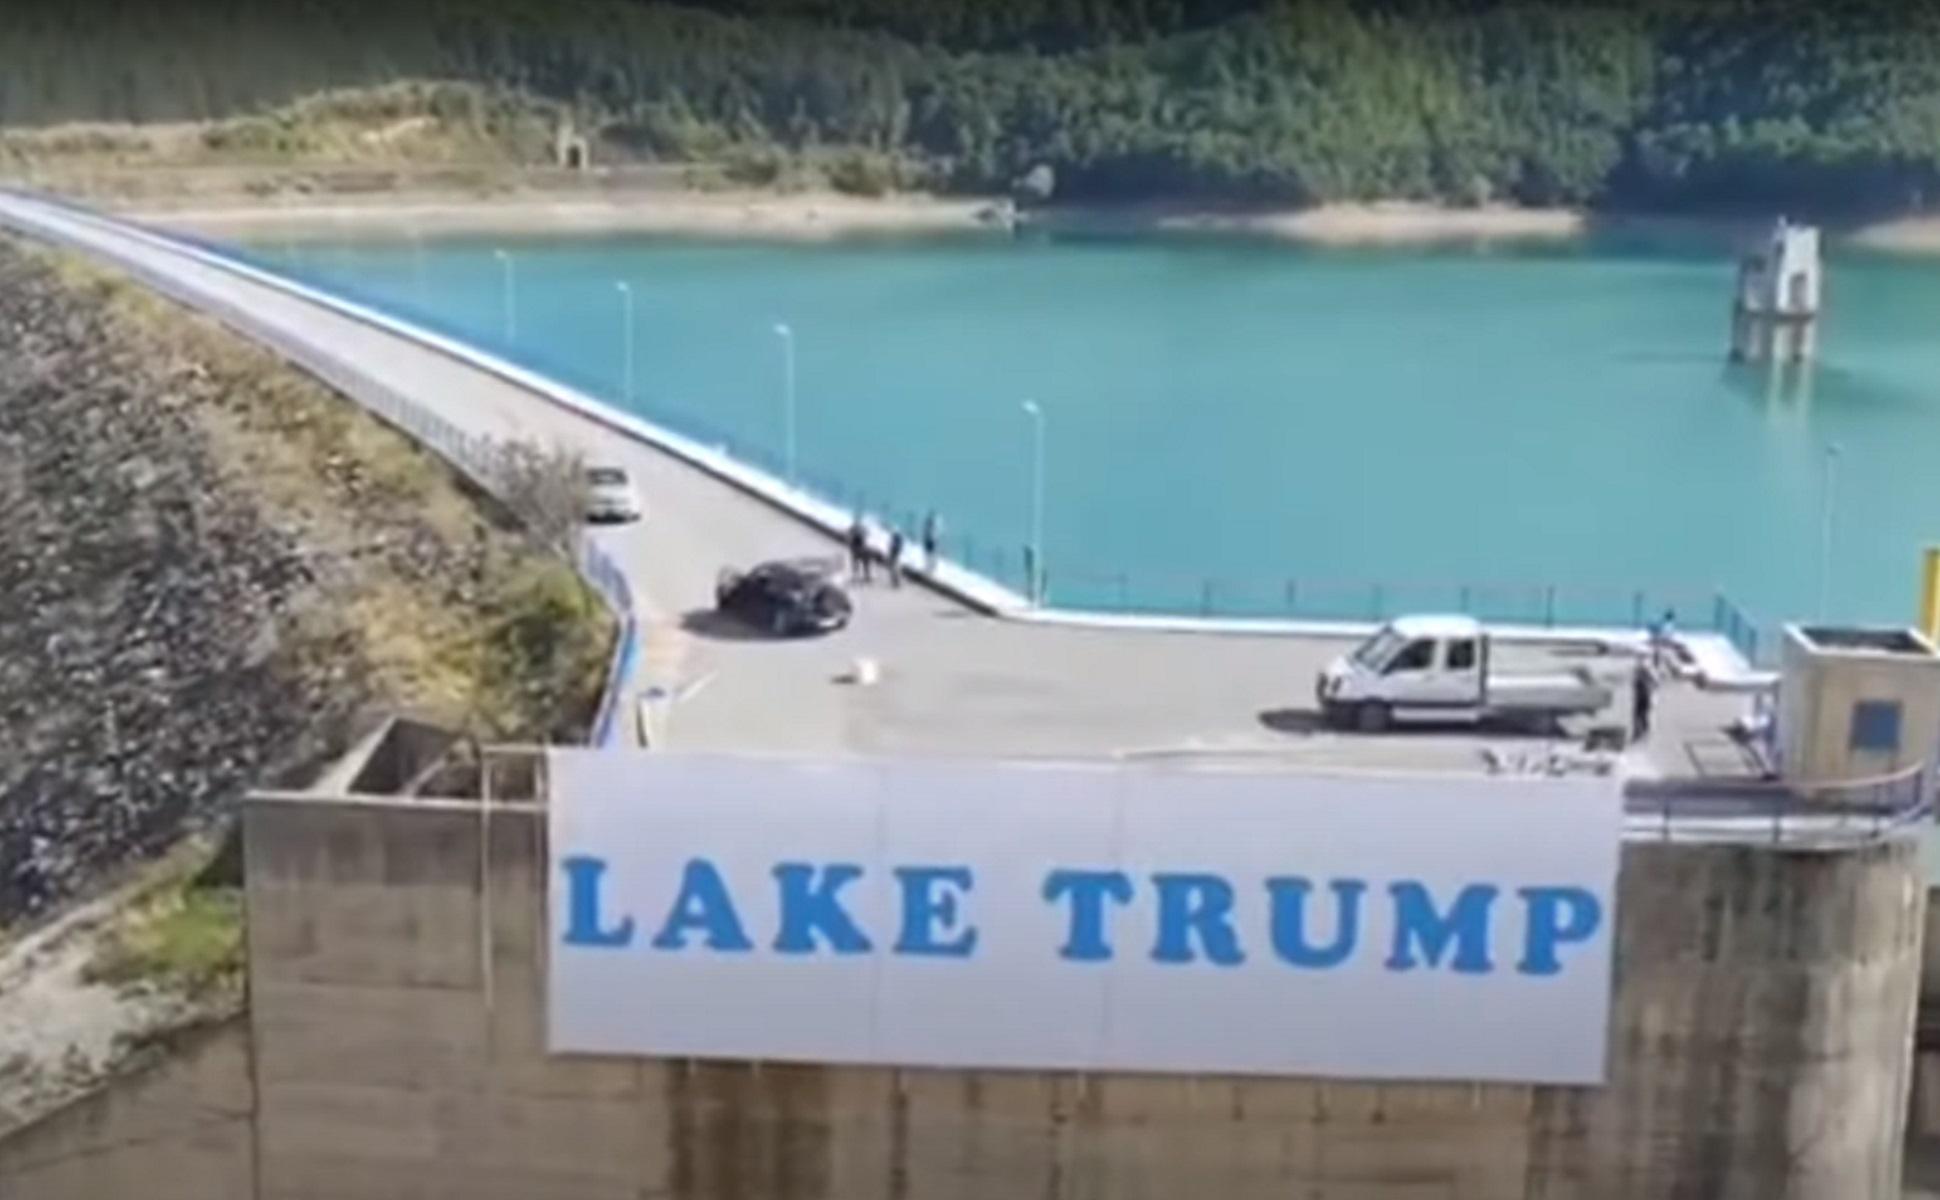 Κόσοβο: Μια λίμνη που την λένε Τραμπ! Της άλλαξαν όνομα προς τιμή του Αμερικανού προέδρου